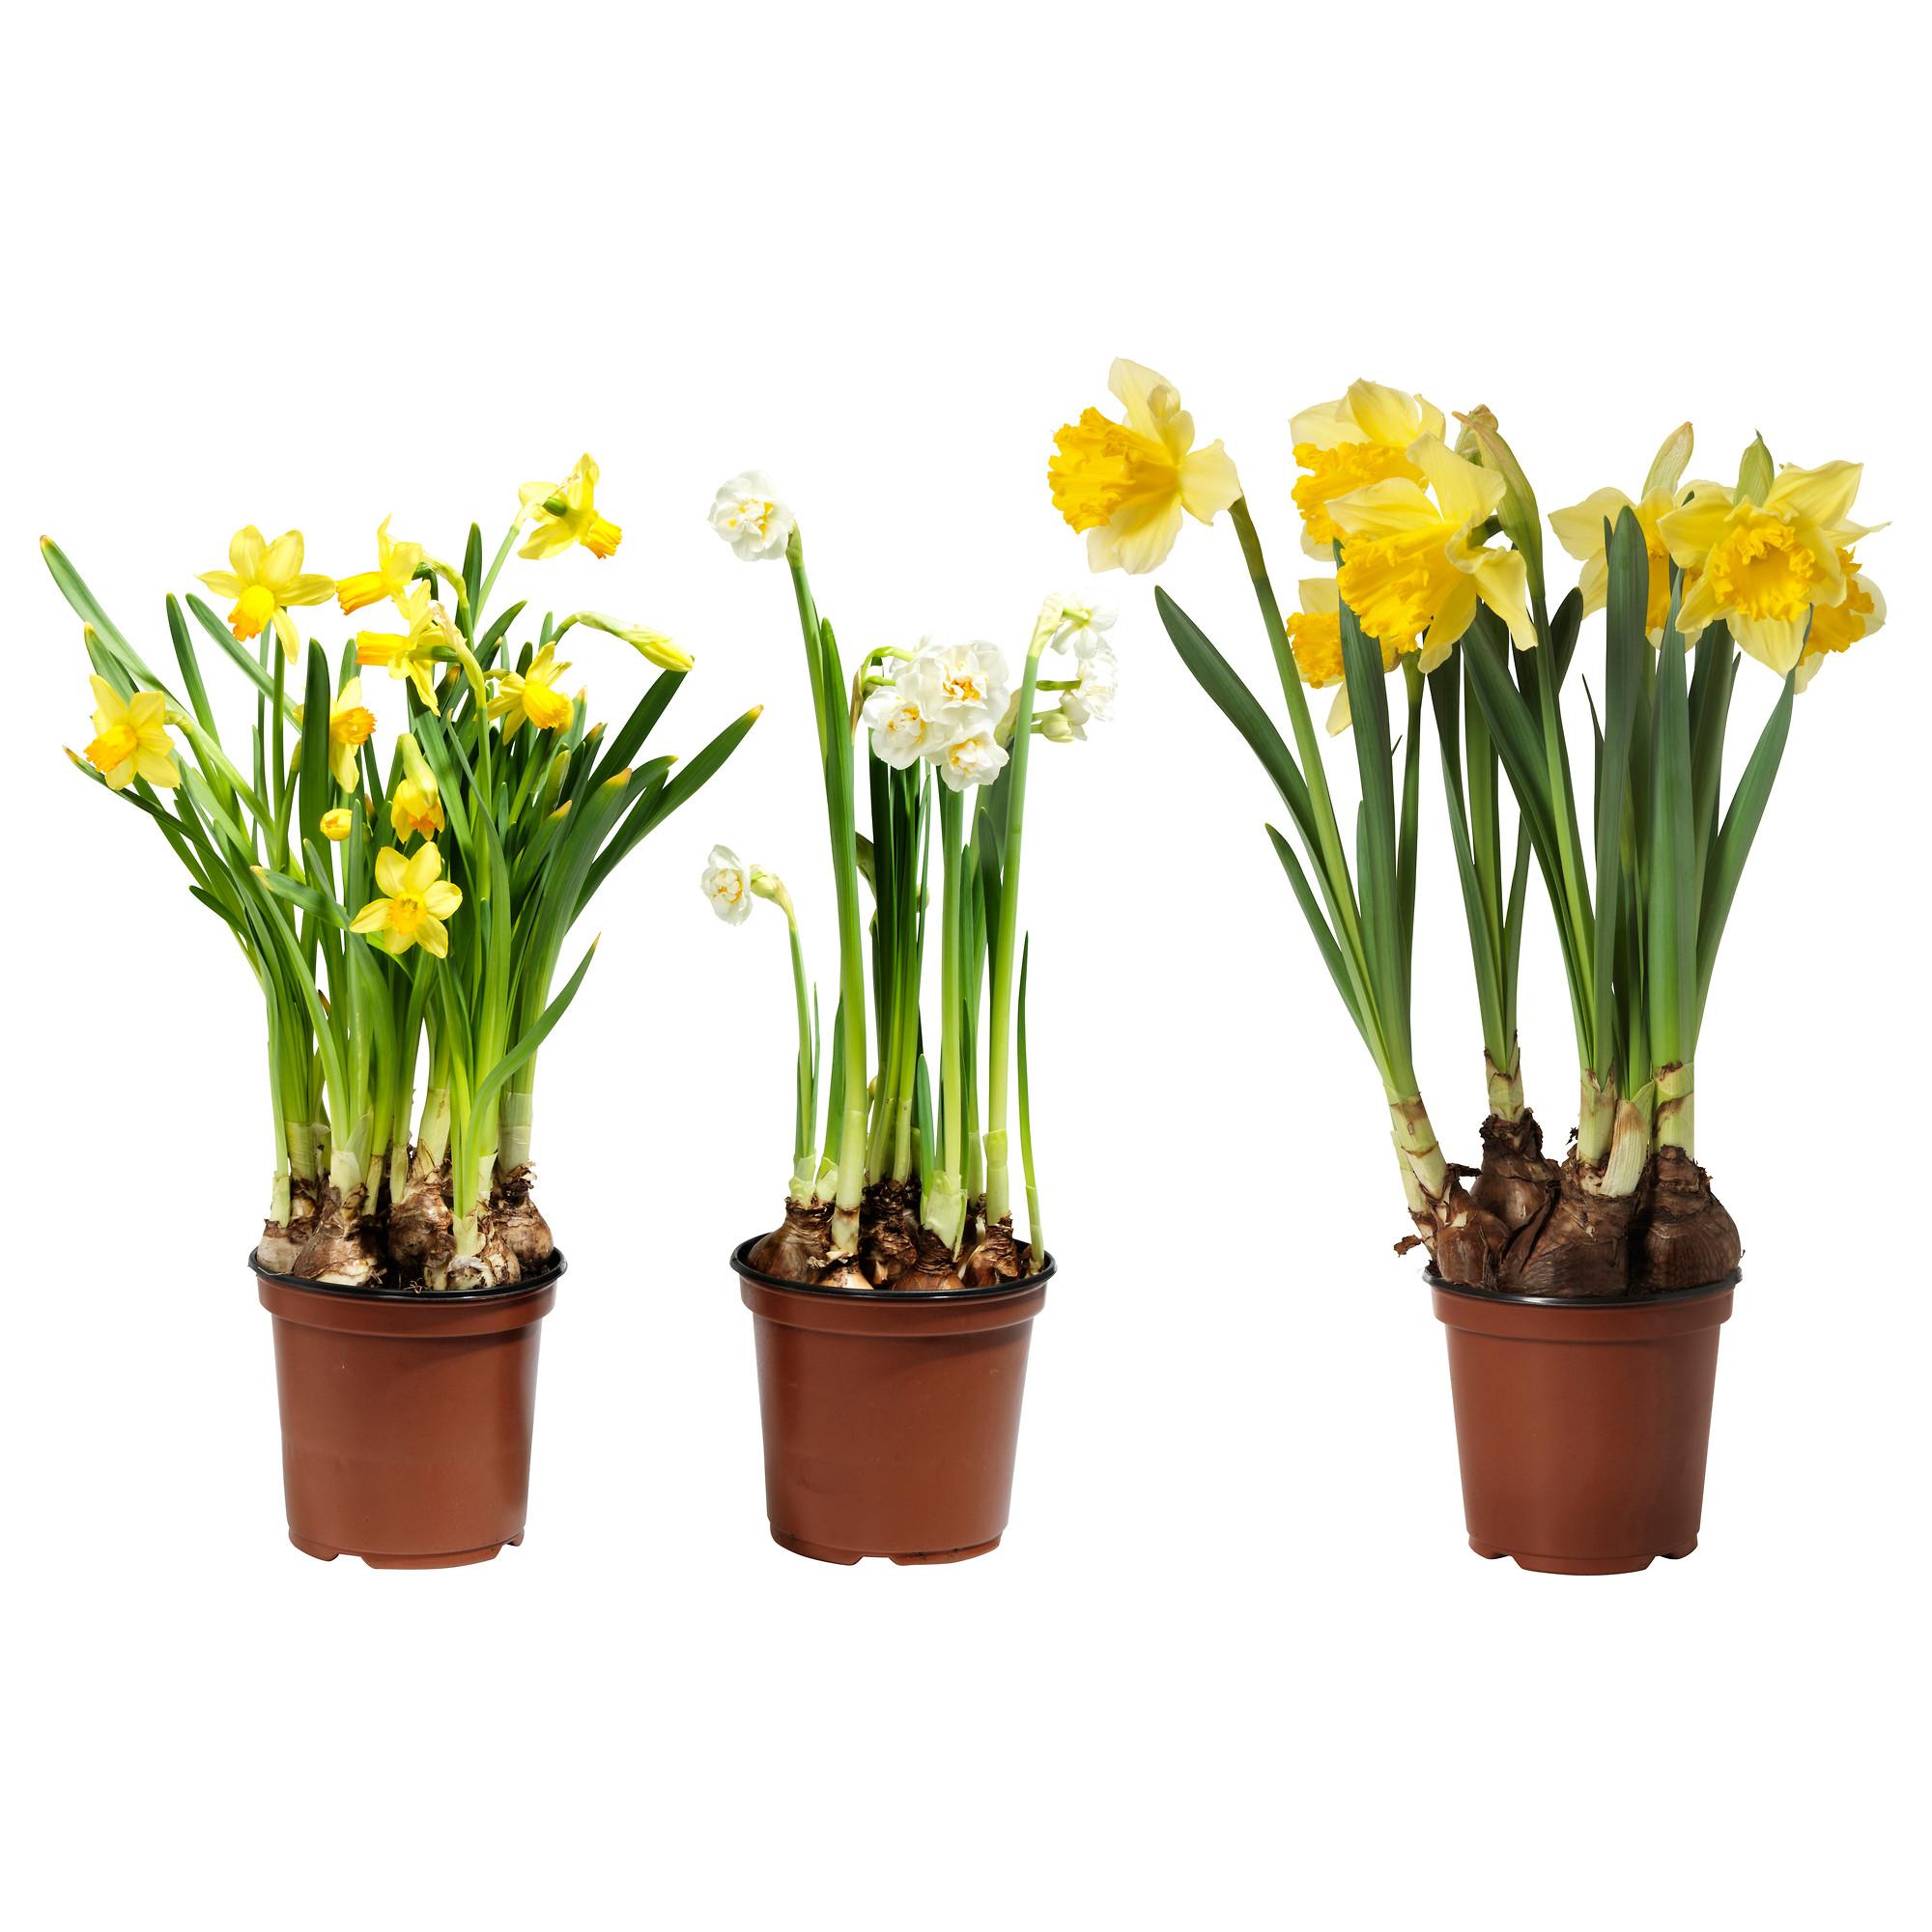 Macetas y plantas que tipo de maceta utilizar - Macetas para plantas de interior ...